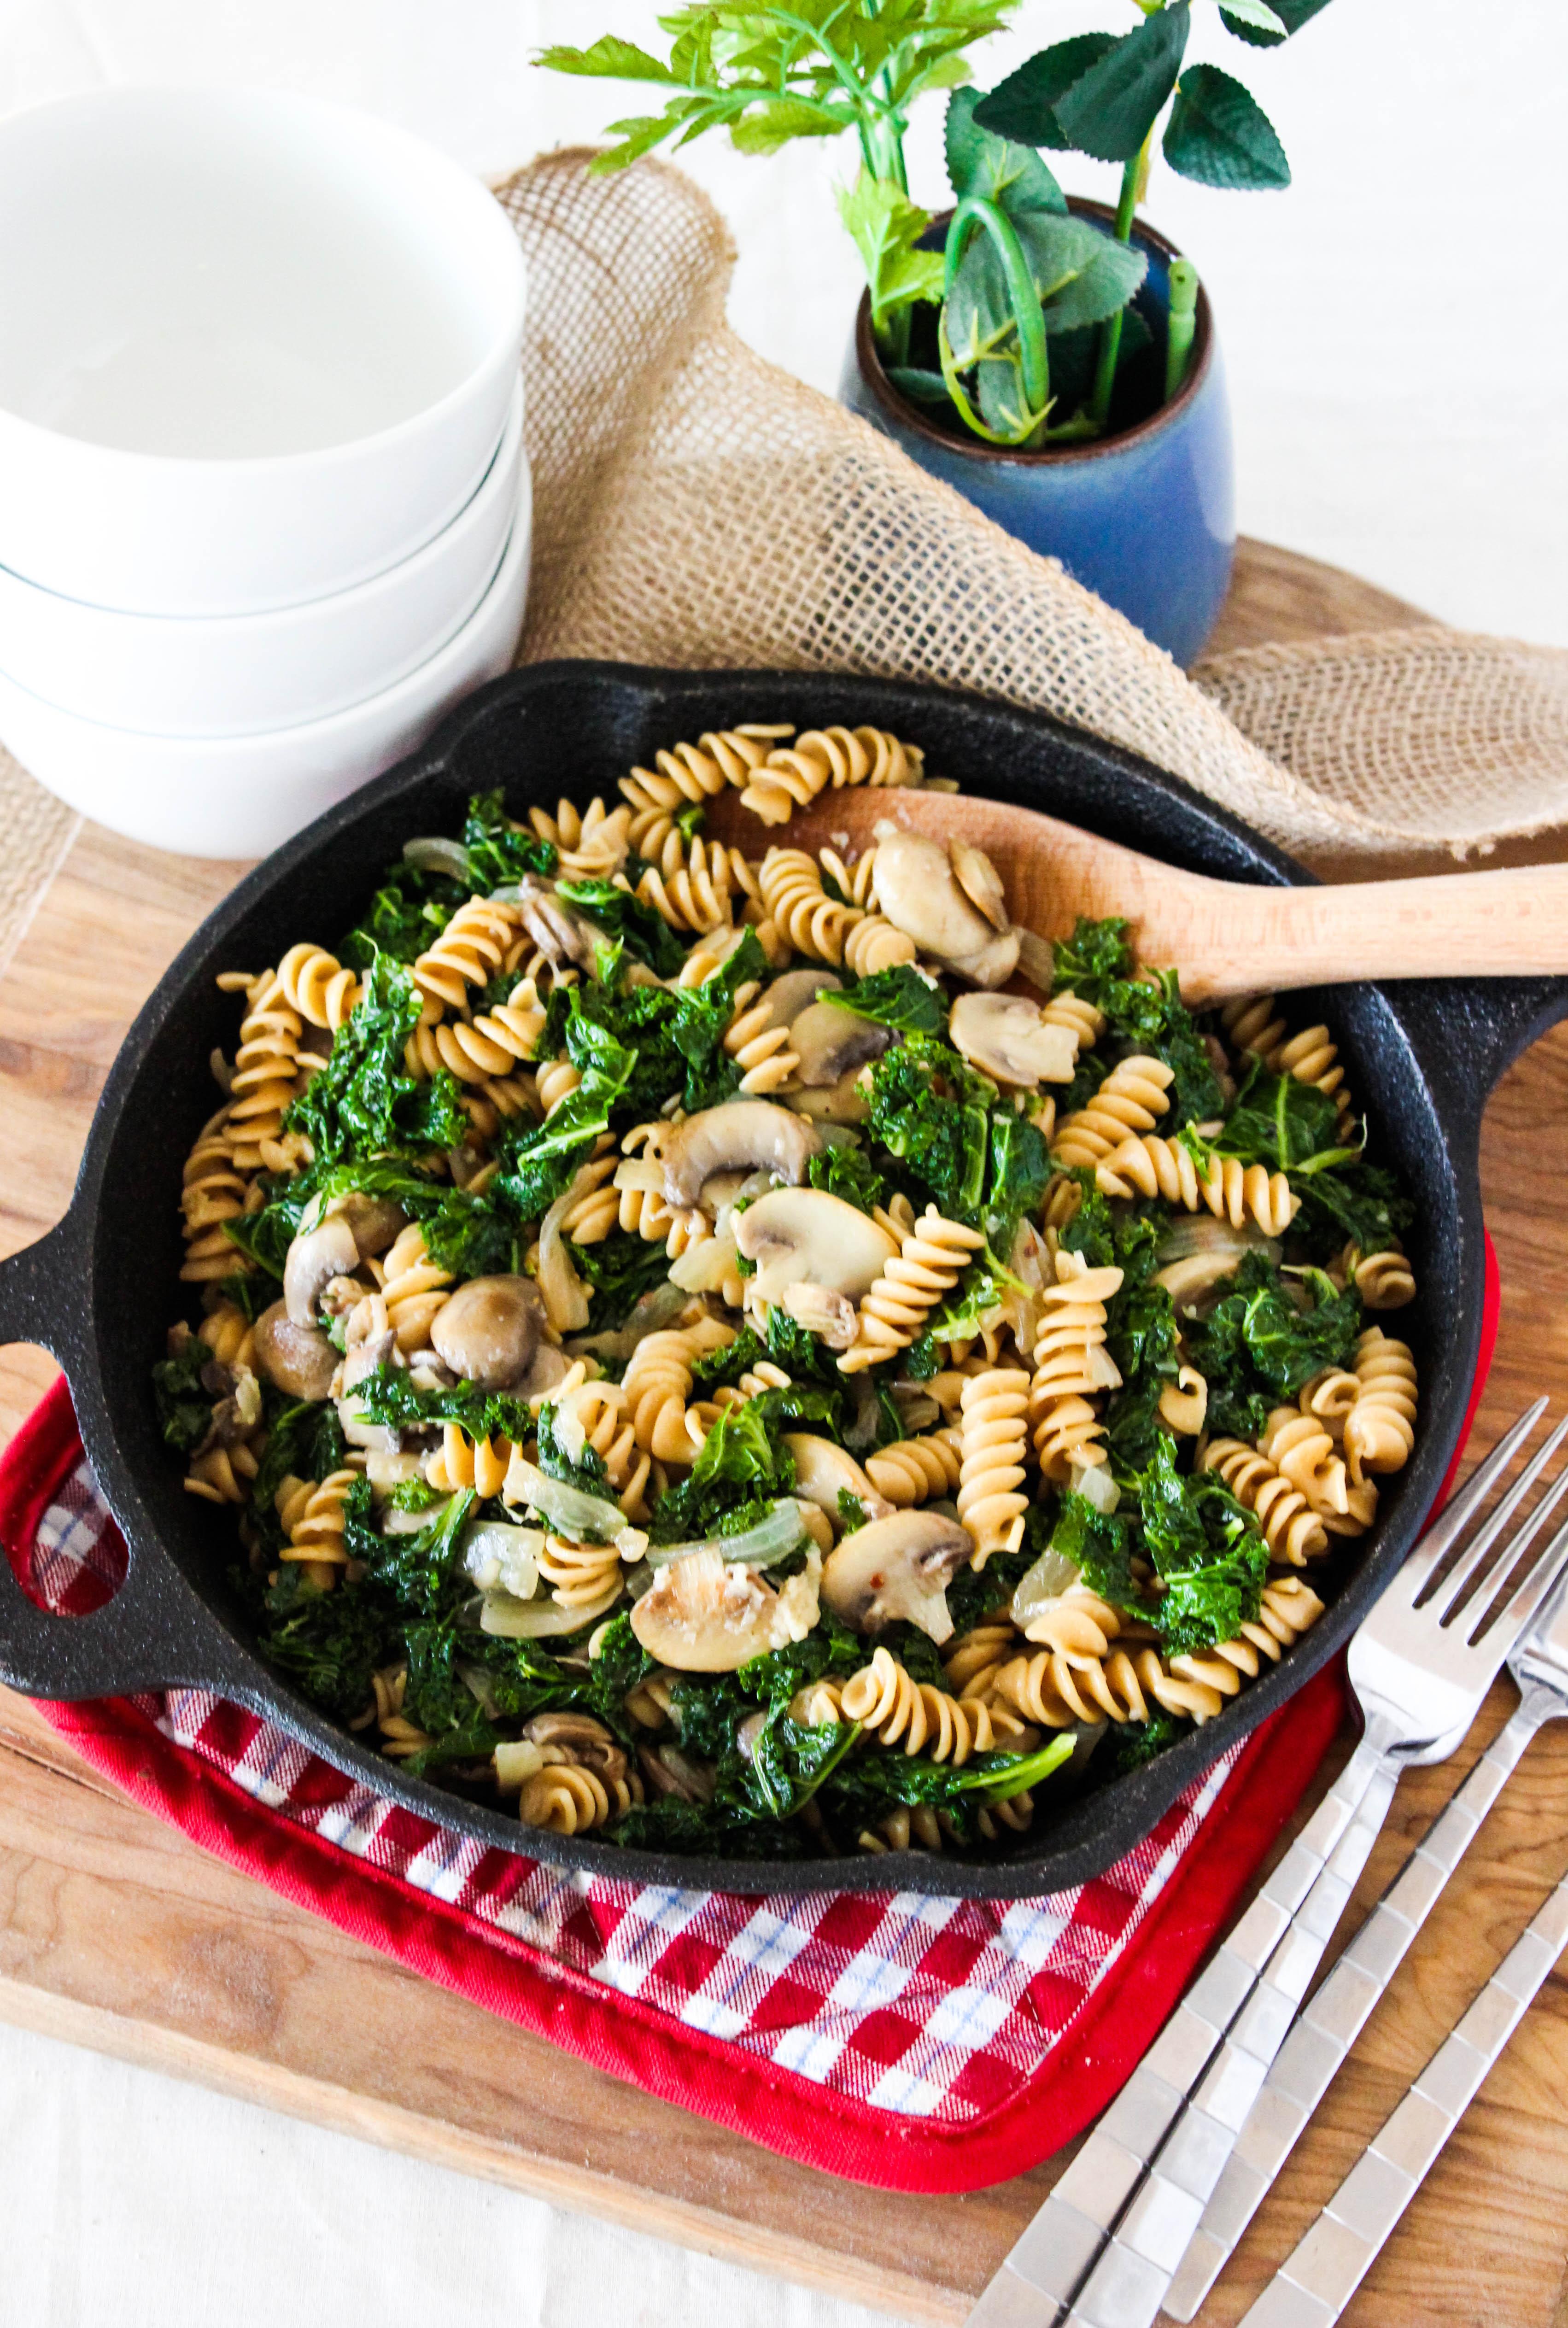 Kale and Mushroom Skillet Pasta